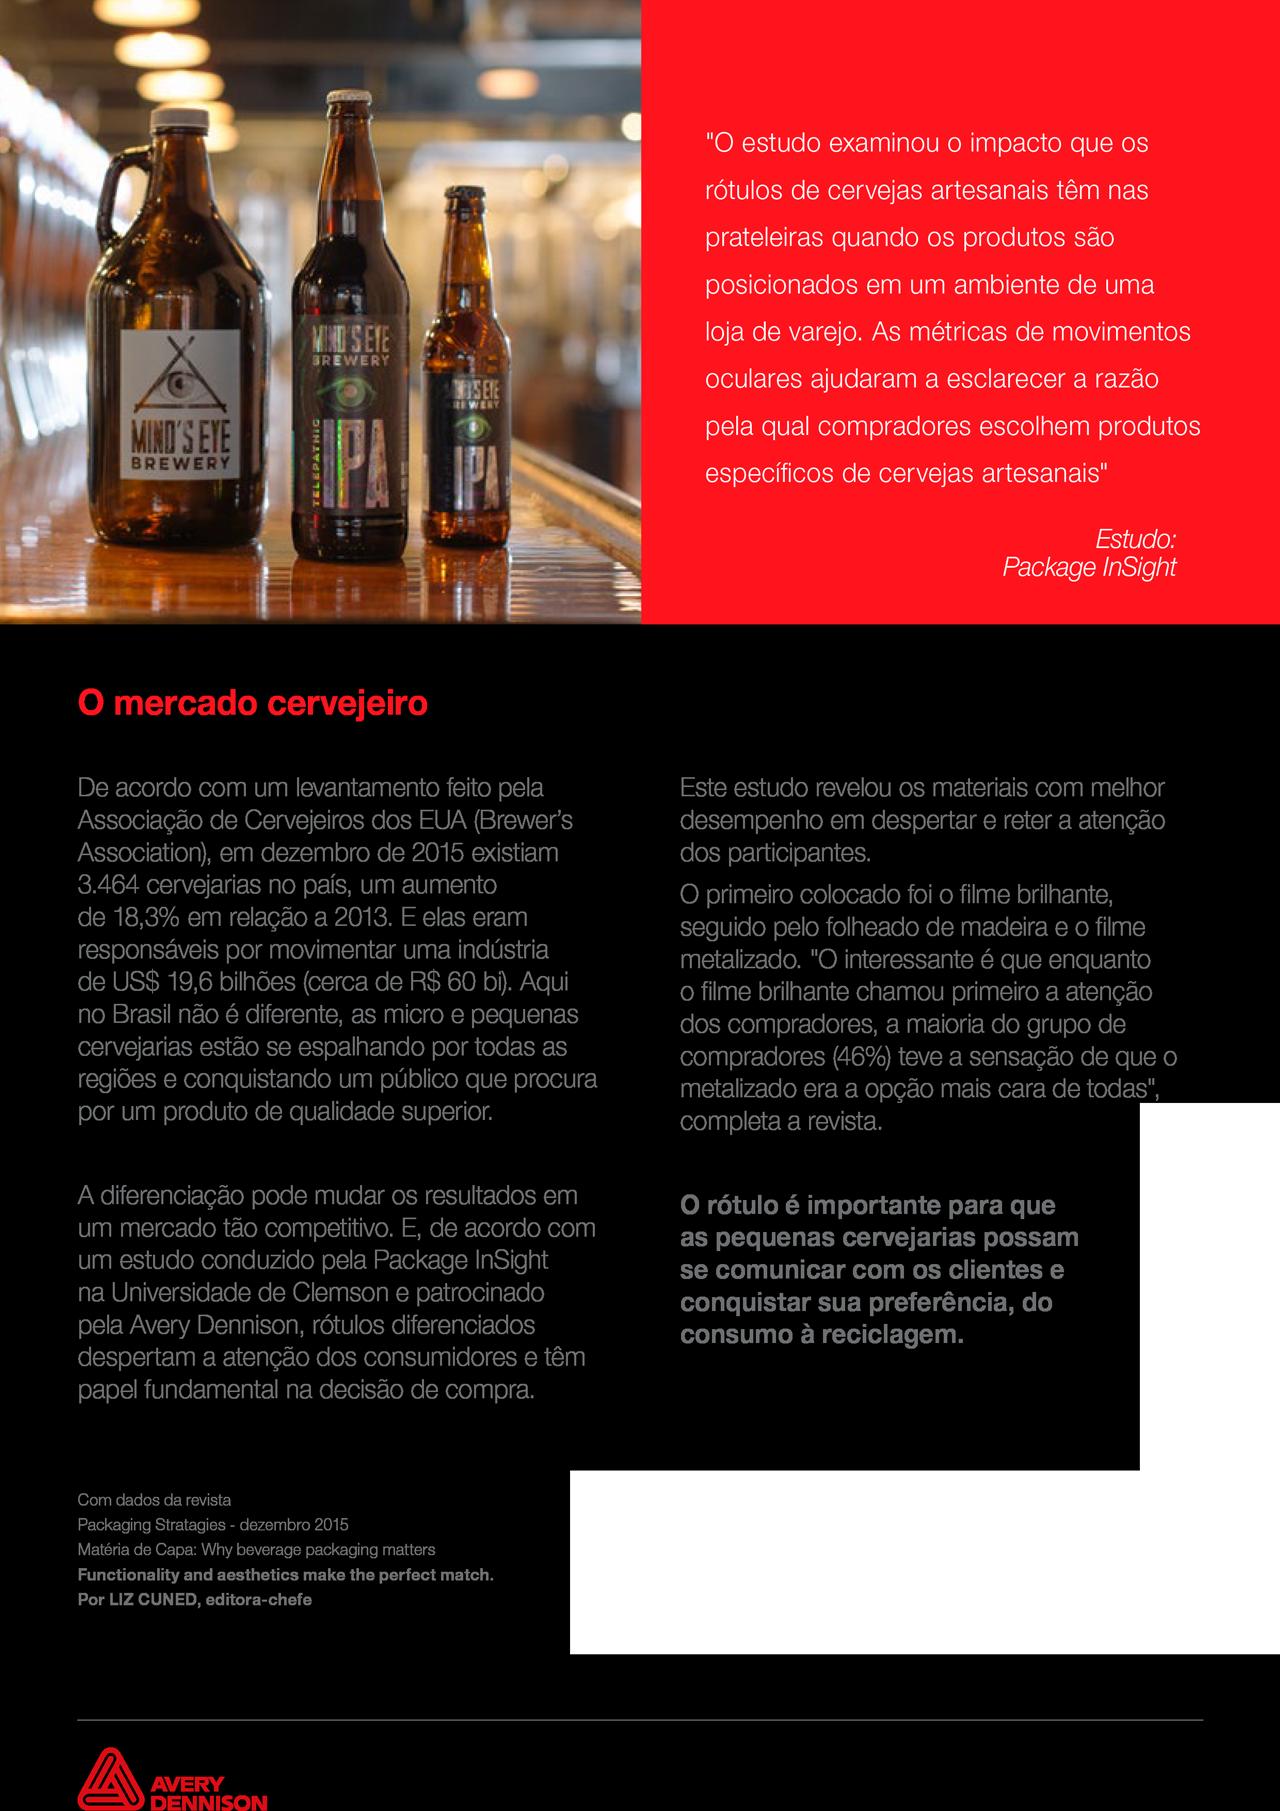 A importância dos rótulos de cervejas artesanais 2